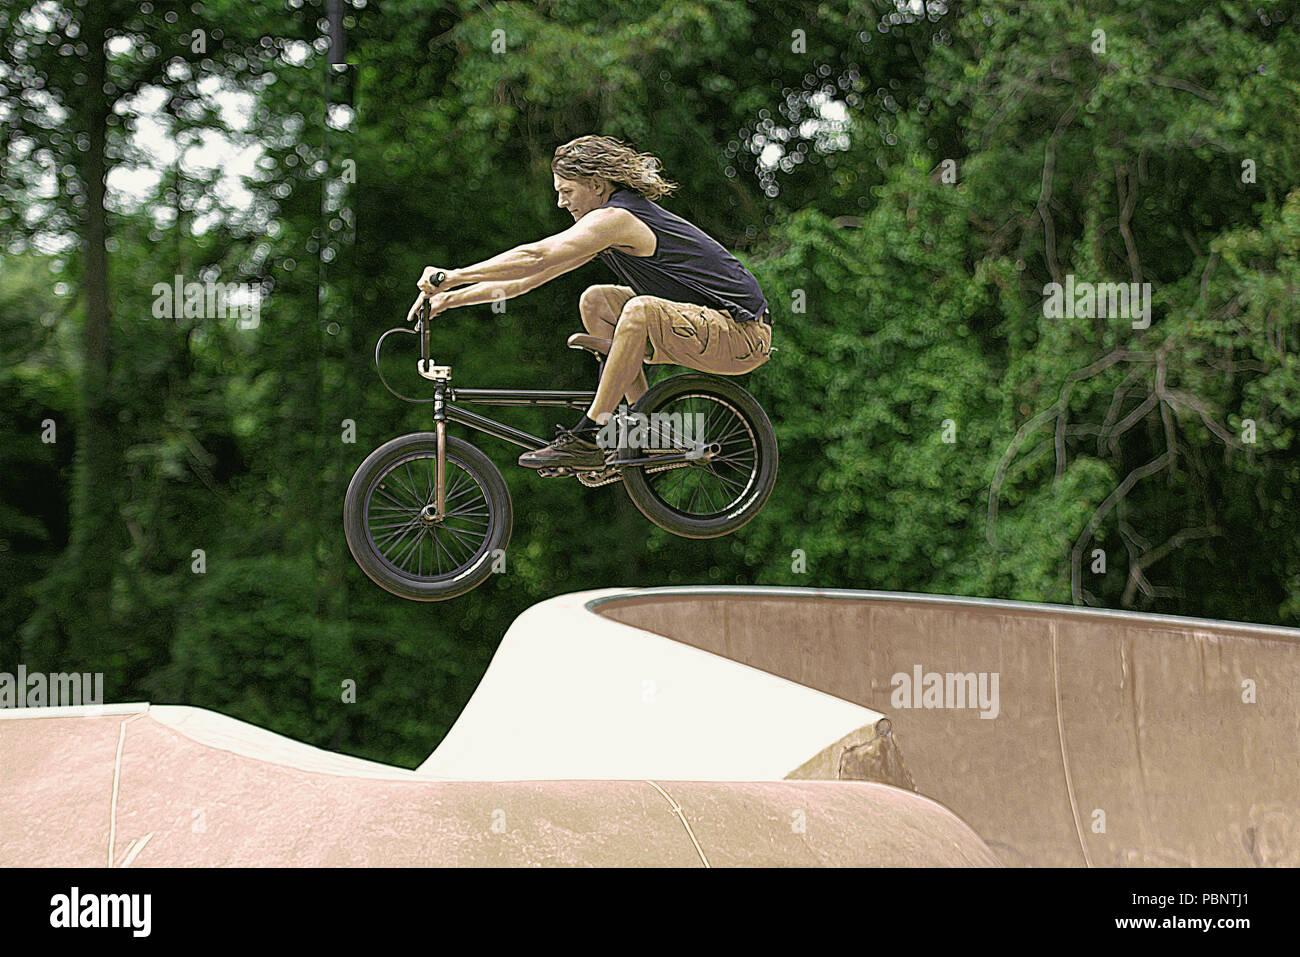 Mittelalter nach der Durchführung bike Tricks auf BMX Fahrrad und Skateboard Park Stockfoto